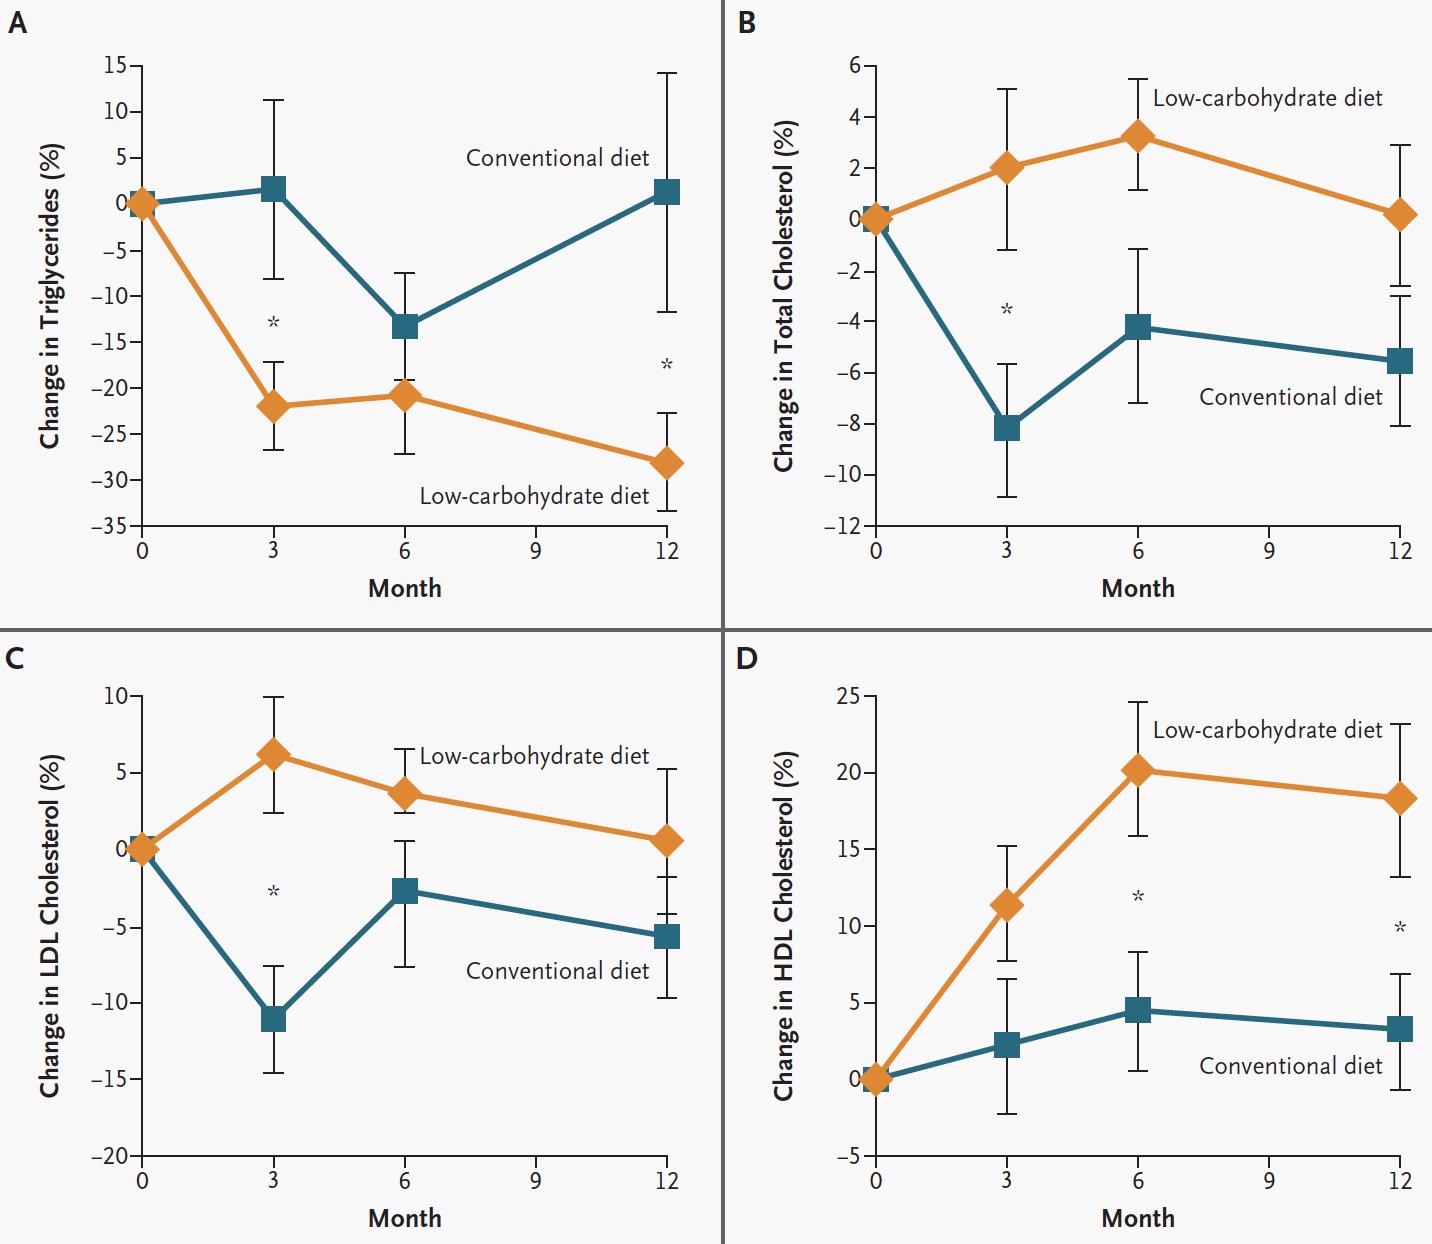 Här jämförs Atkins diet (som är en variant av LCHF) med fettsnål kost beträffande riskfaktorer för hjärt-kärlsjukdom. Den gula linjen är Atkins kost, den blå linjen är fettsnål kost.